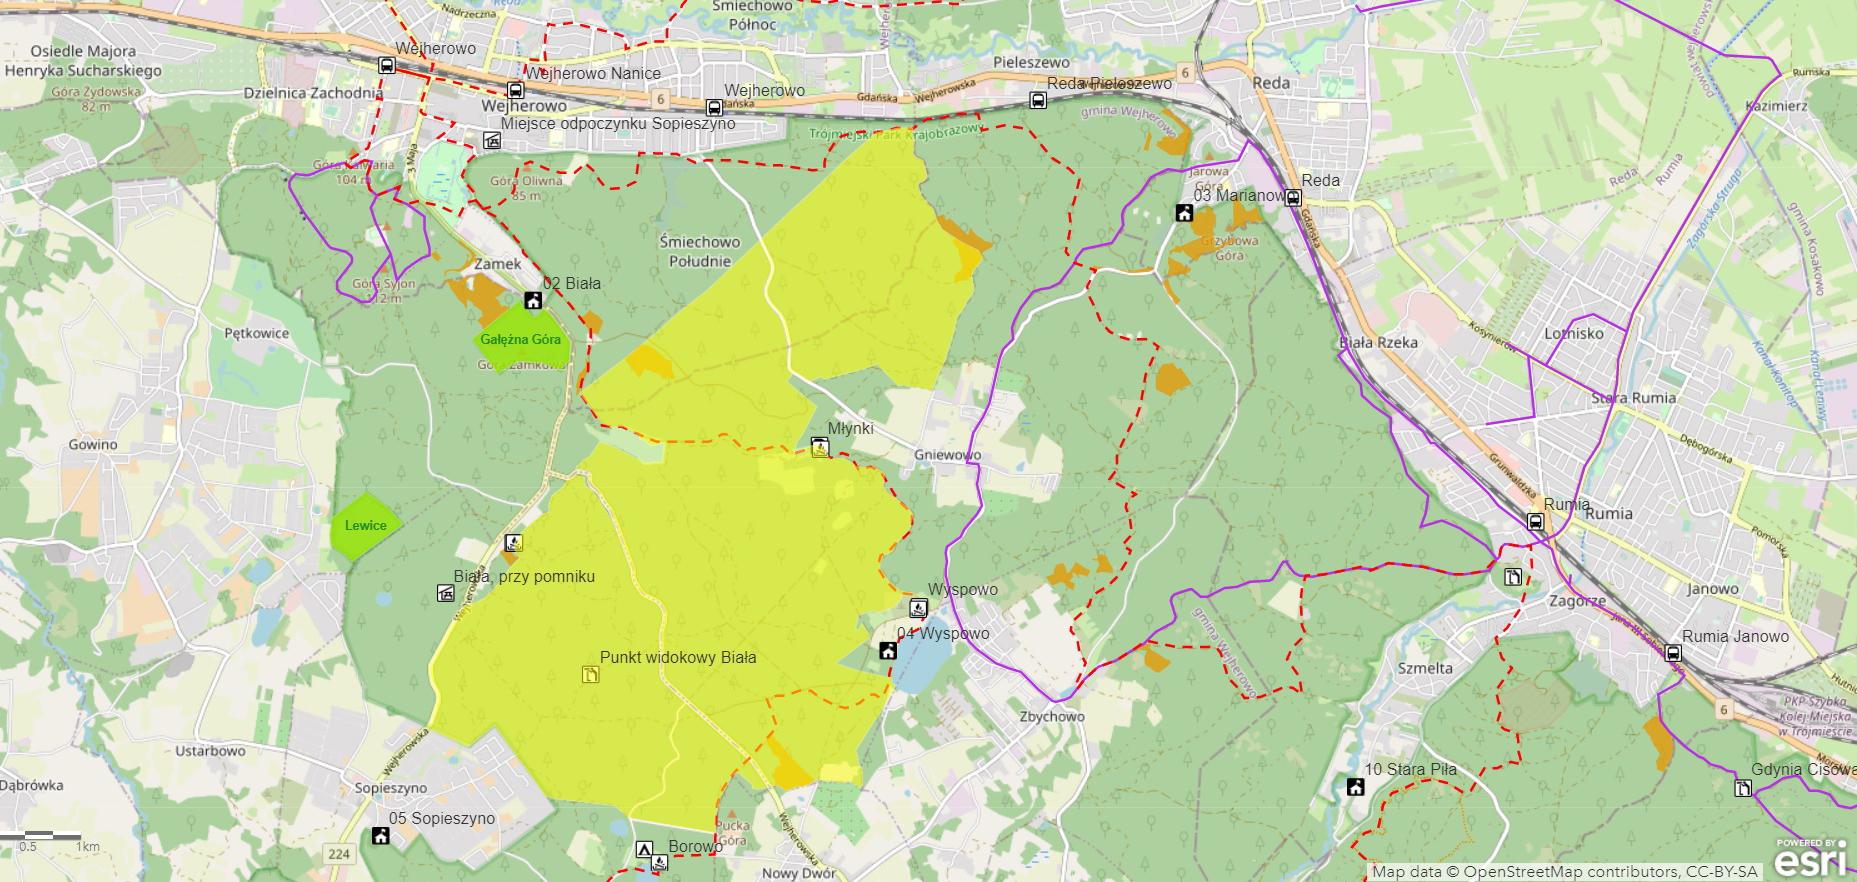 Mapa bushcraftowego obszaru pilotażowego w Nadleśnictwie Gdańsk. Źródło: Lasy Państwowe